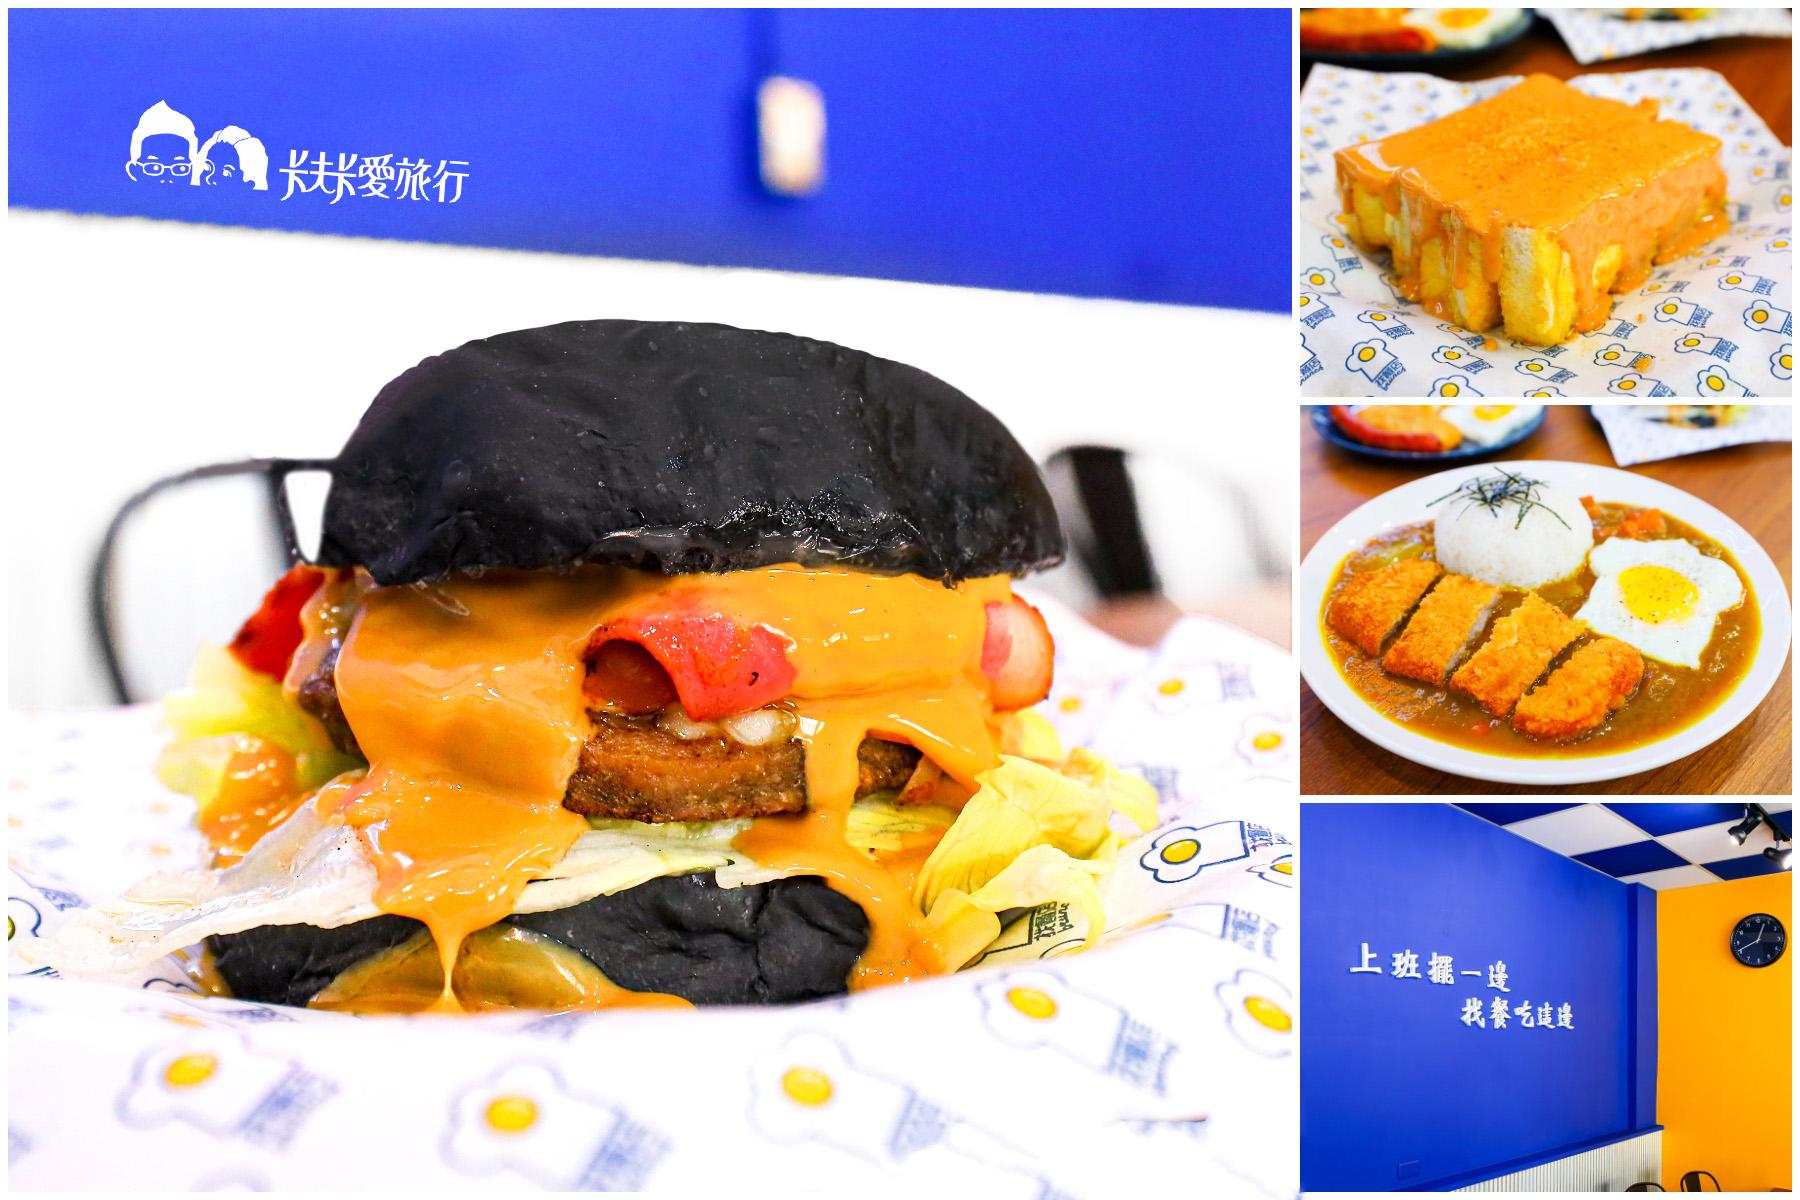 宜蘭最夯早午餐|找餐店brunch-羅東店|早餐宵夜一次滿足推薦牛肉排黑漢堡菜單